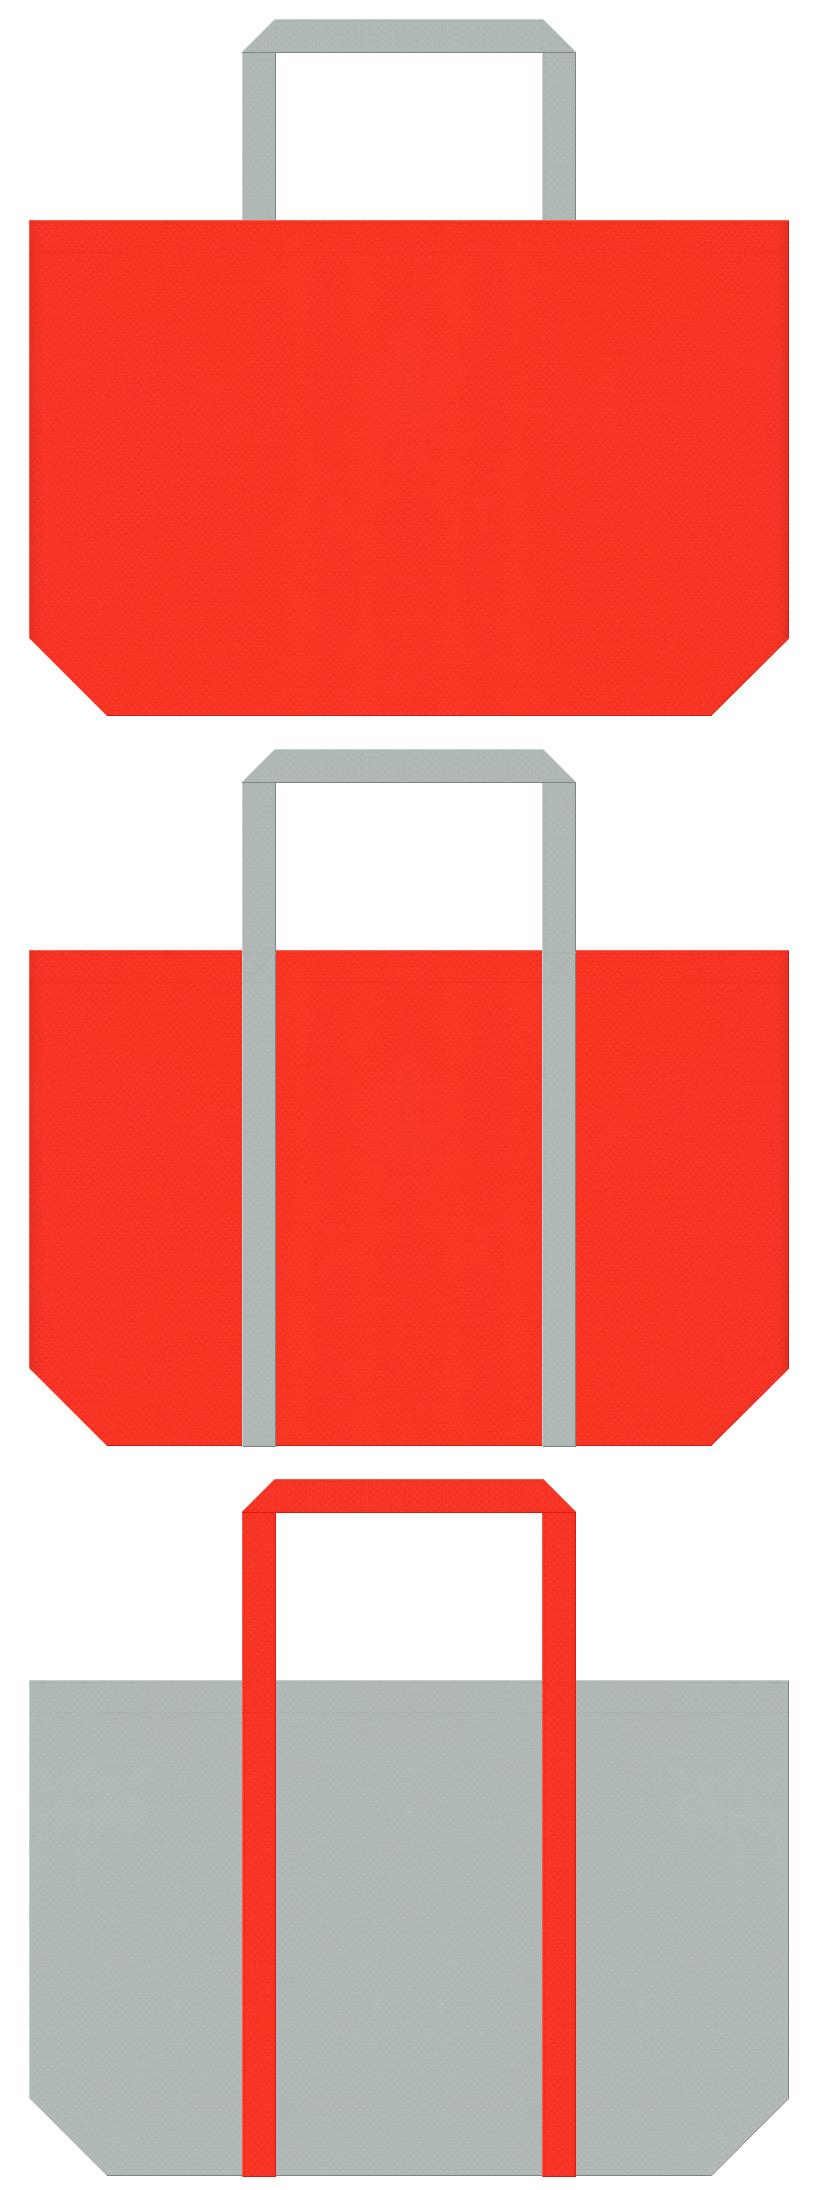 ロボット・ラジコン・プラモデル・ホビーの展示会用バッグにお奨めの不織布バッグデザイン:オレンジ色とグレー色のコーデ